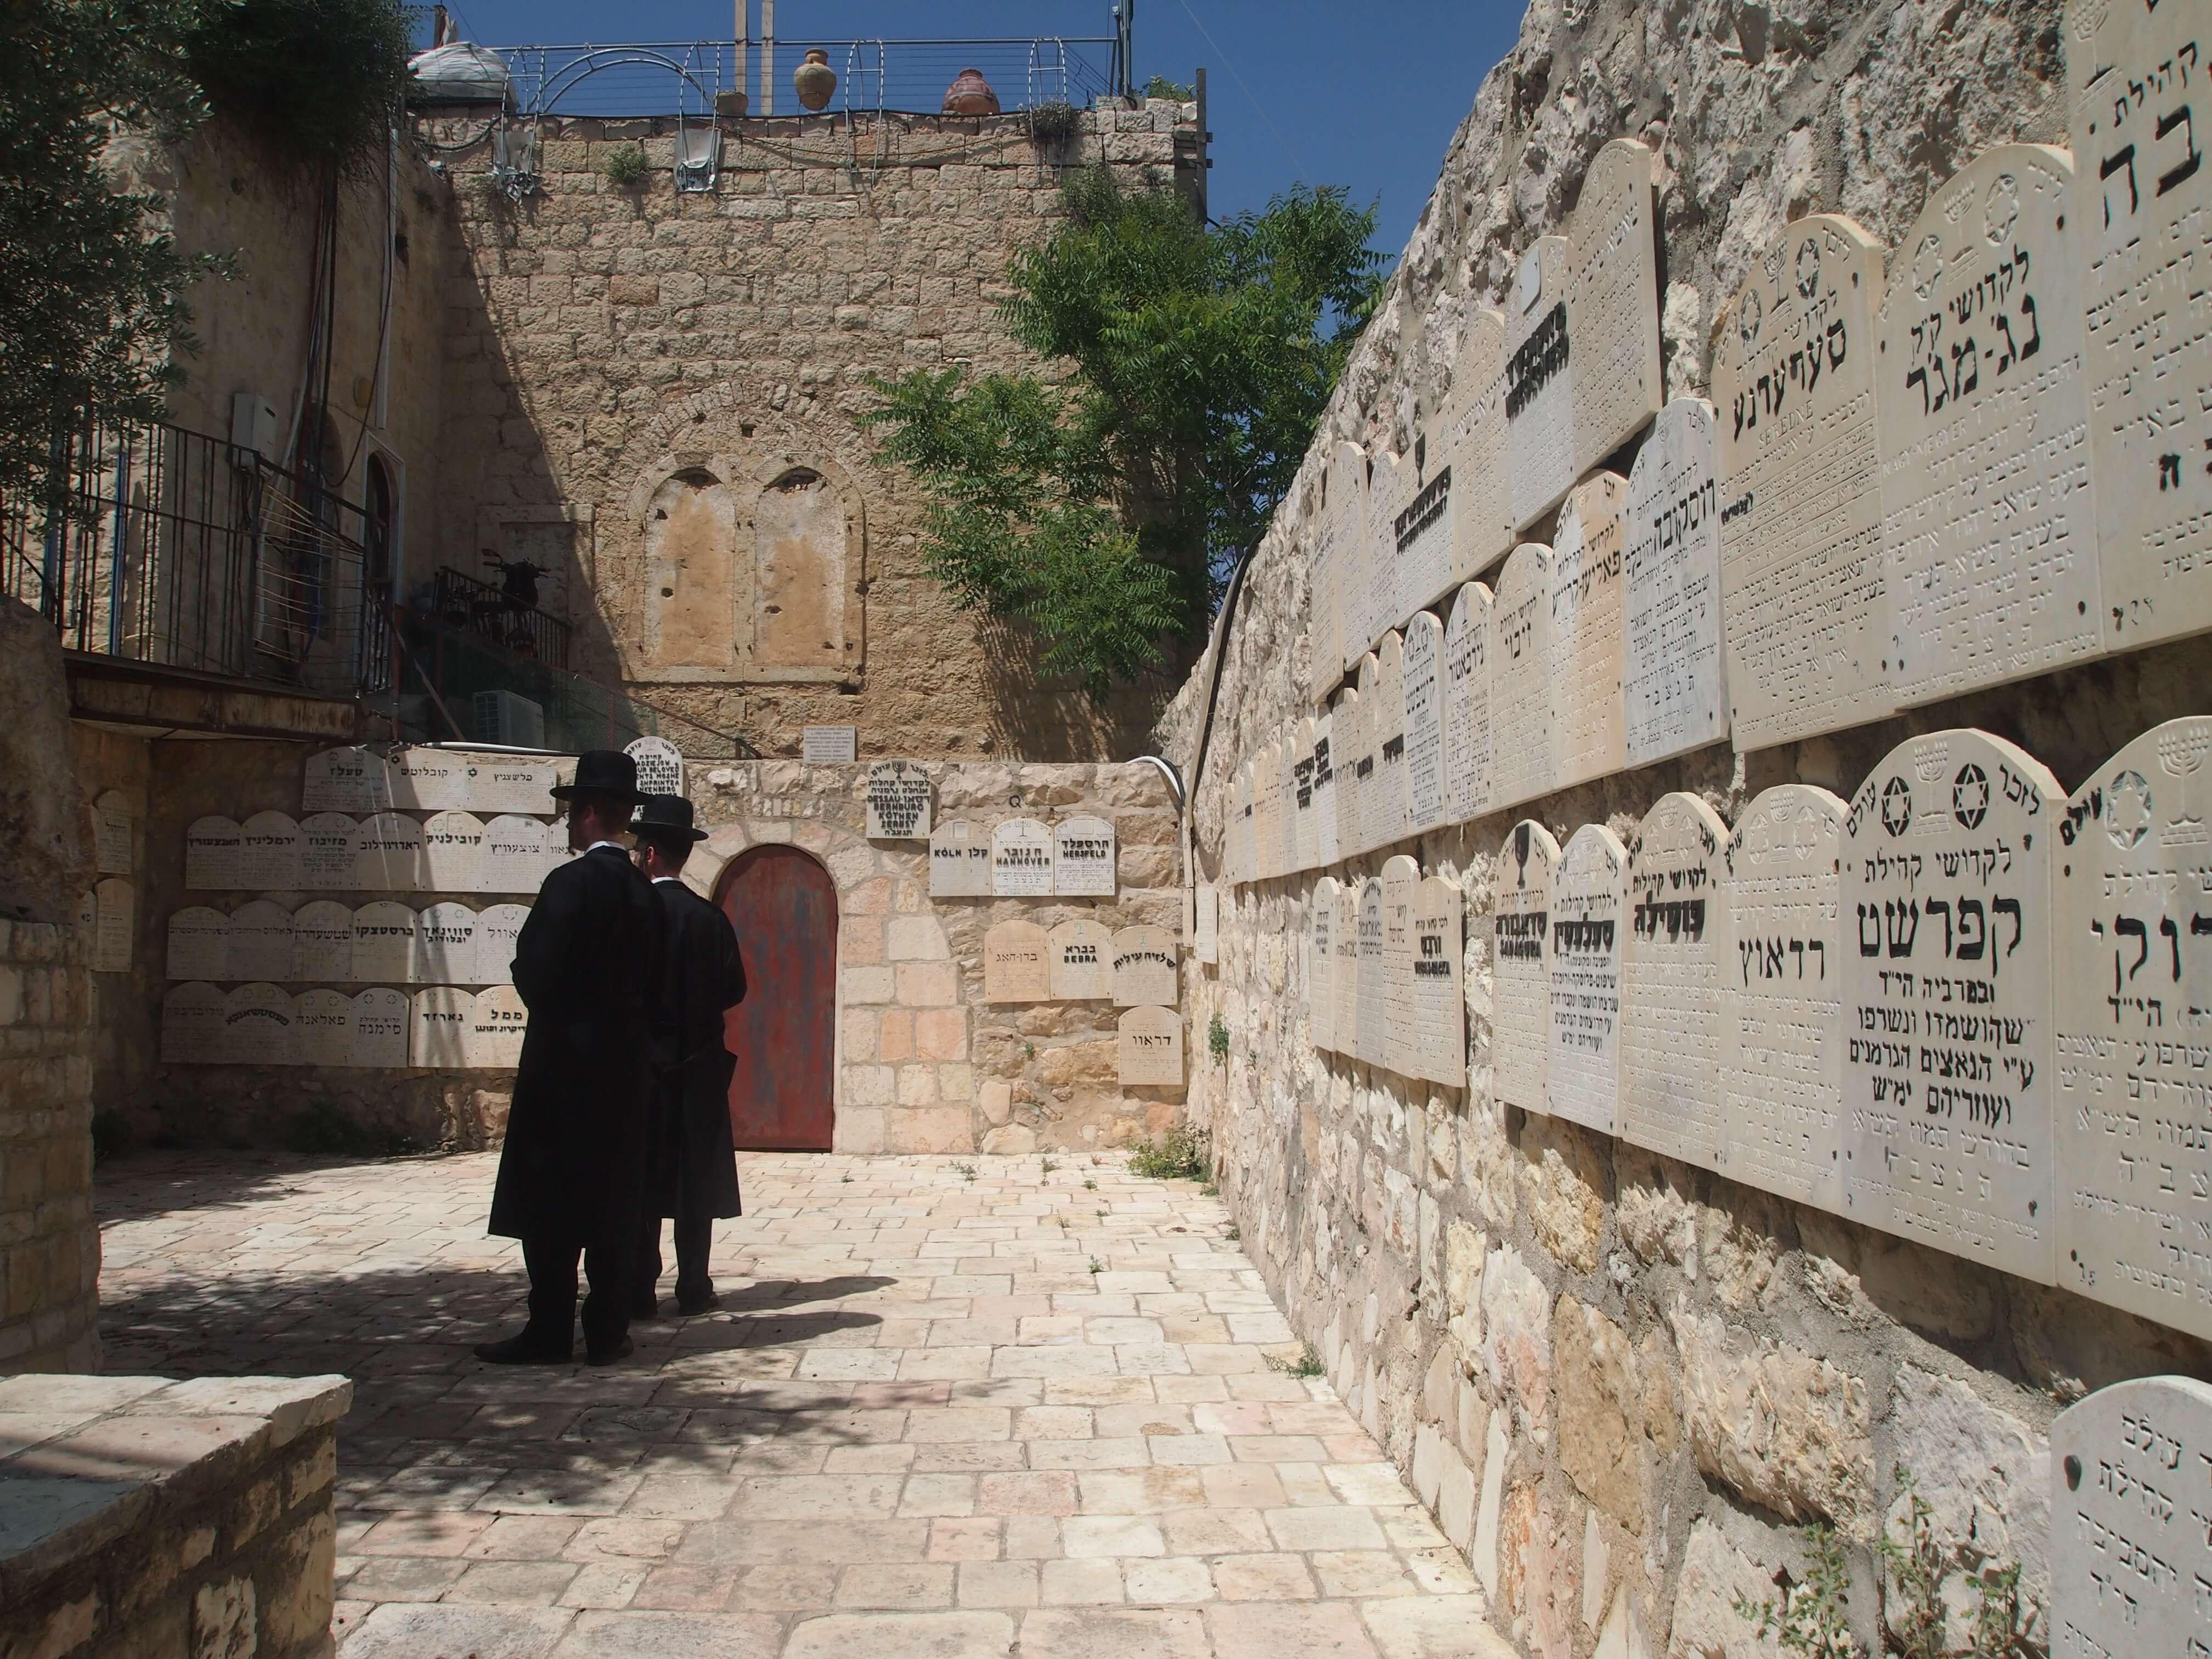 イスラエル旅行に必要な日数と費用はどのく らい?